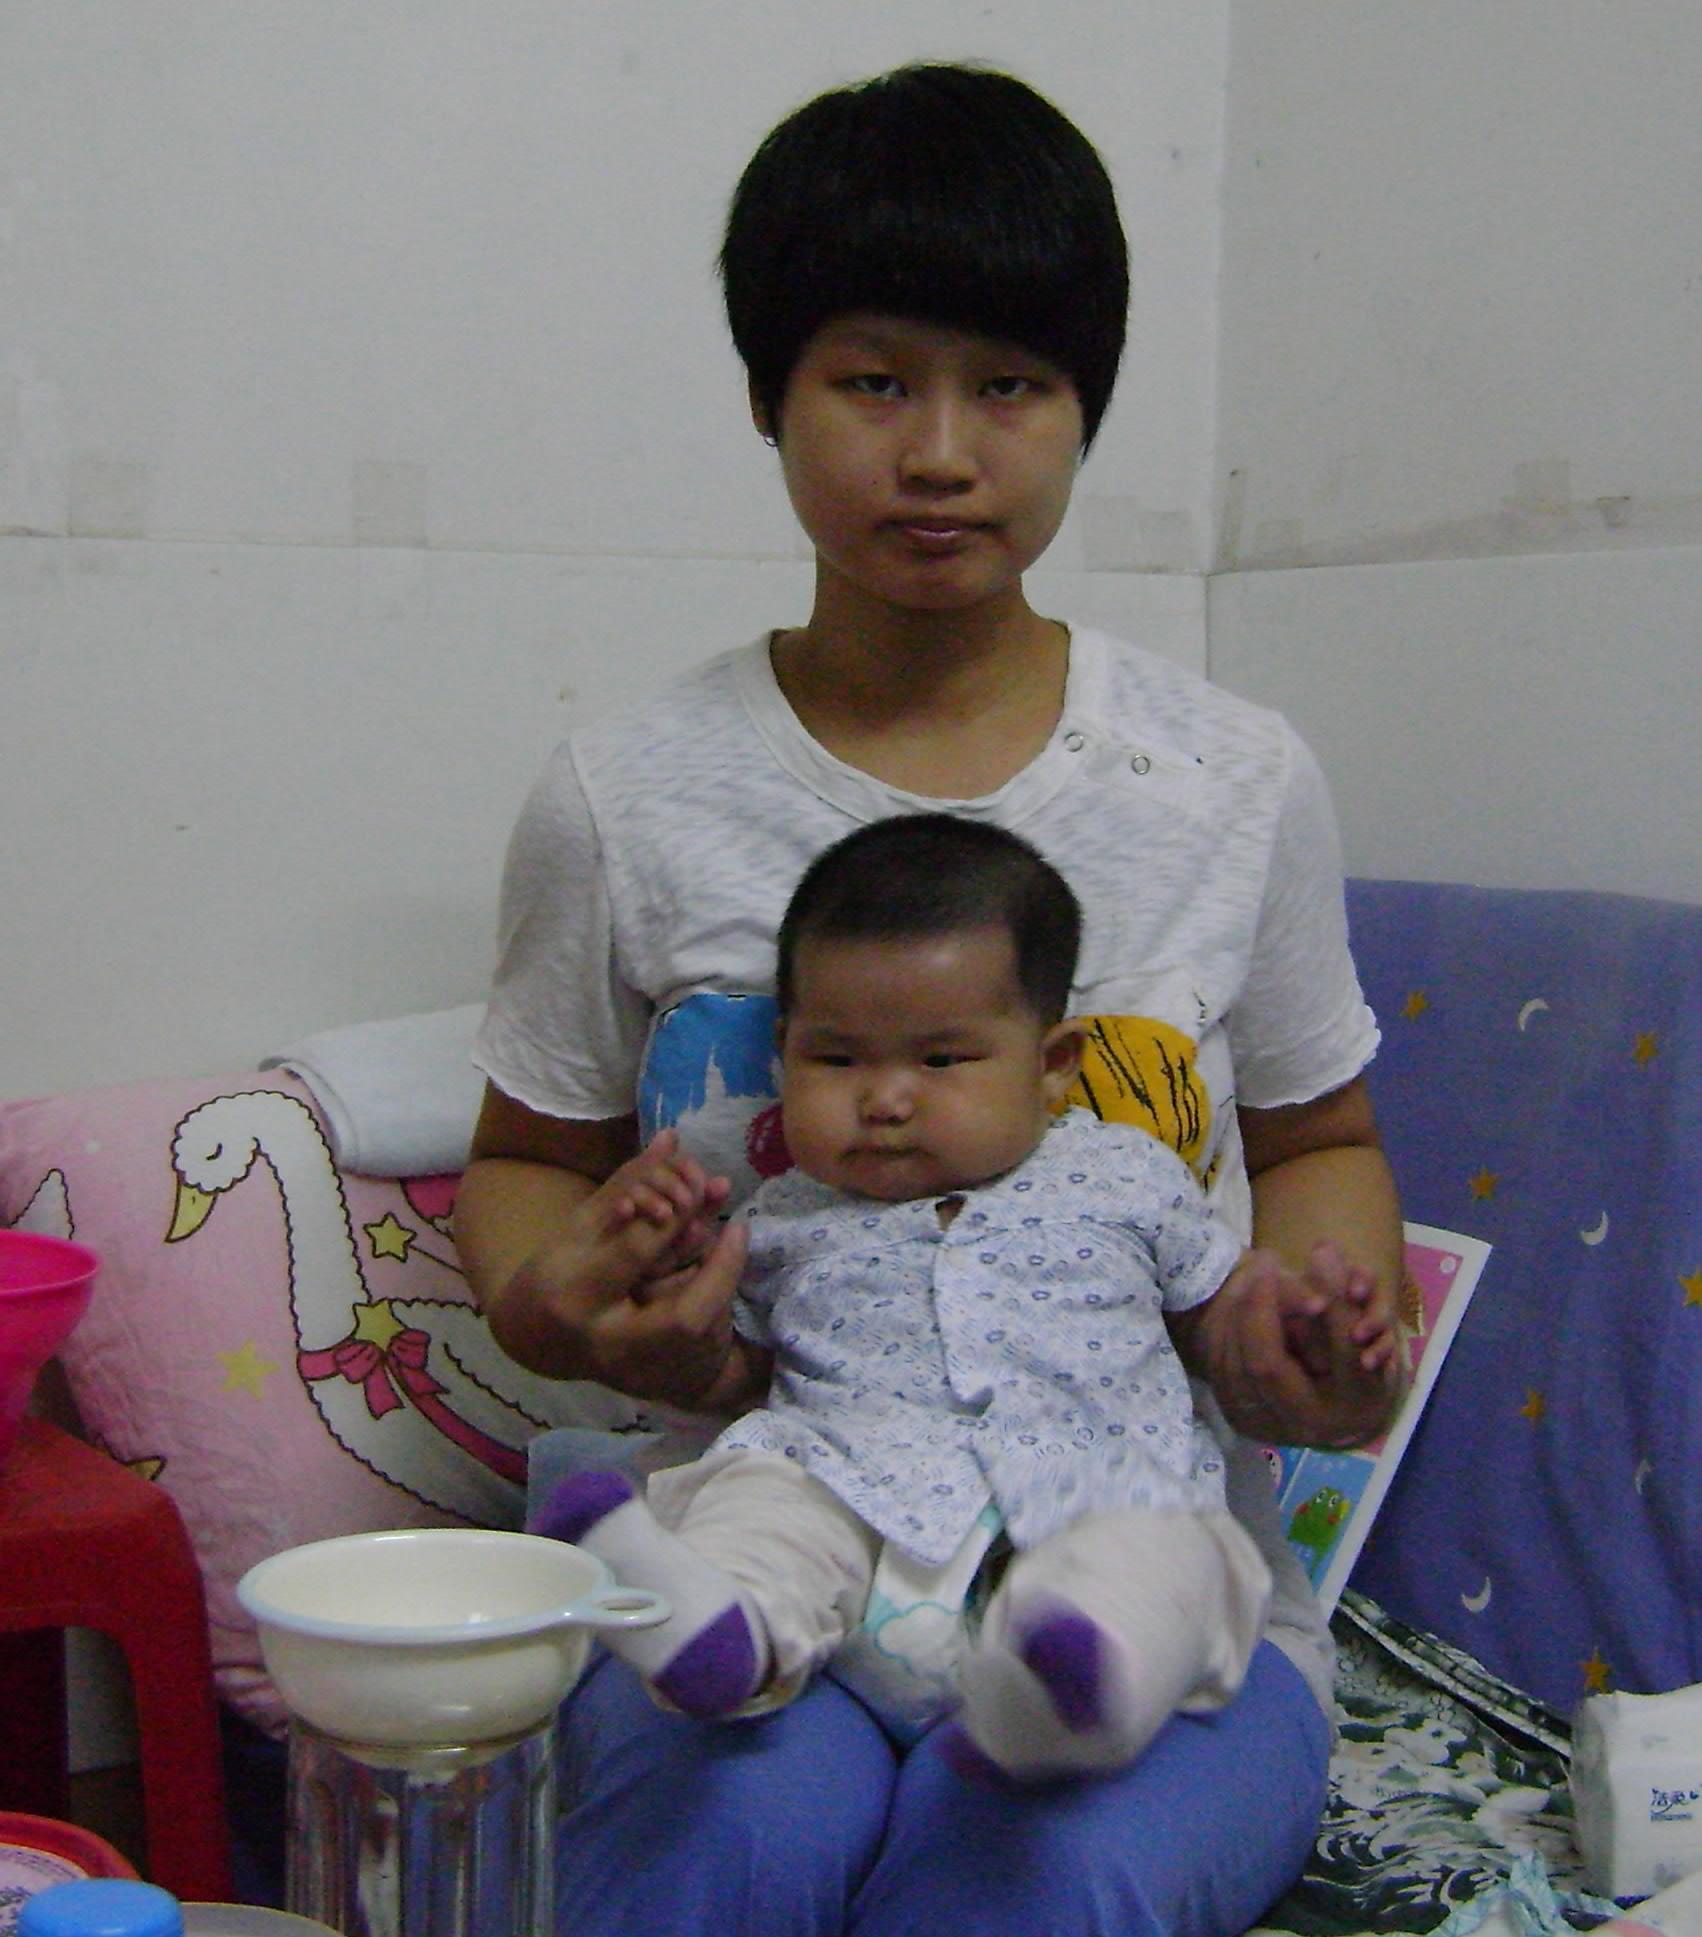 【我与宝宝的亲密接触】拥抱我的宝贝儿图片